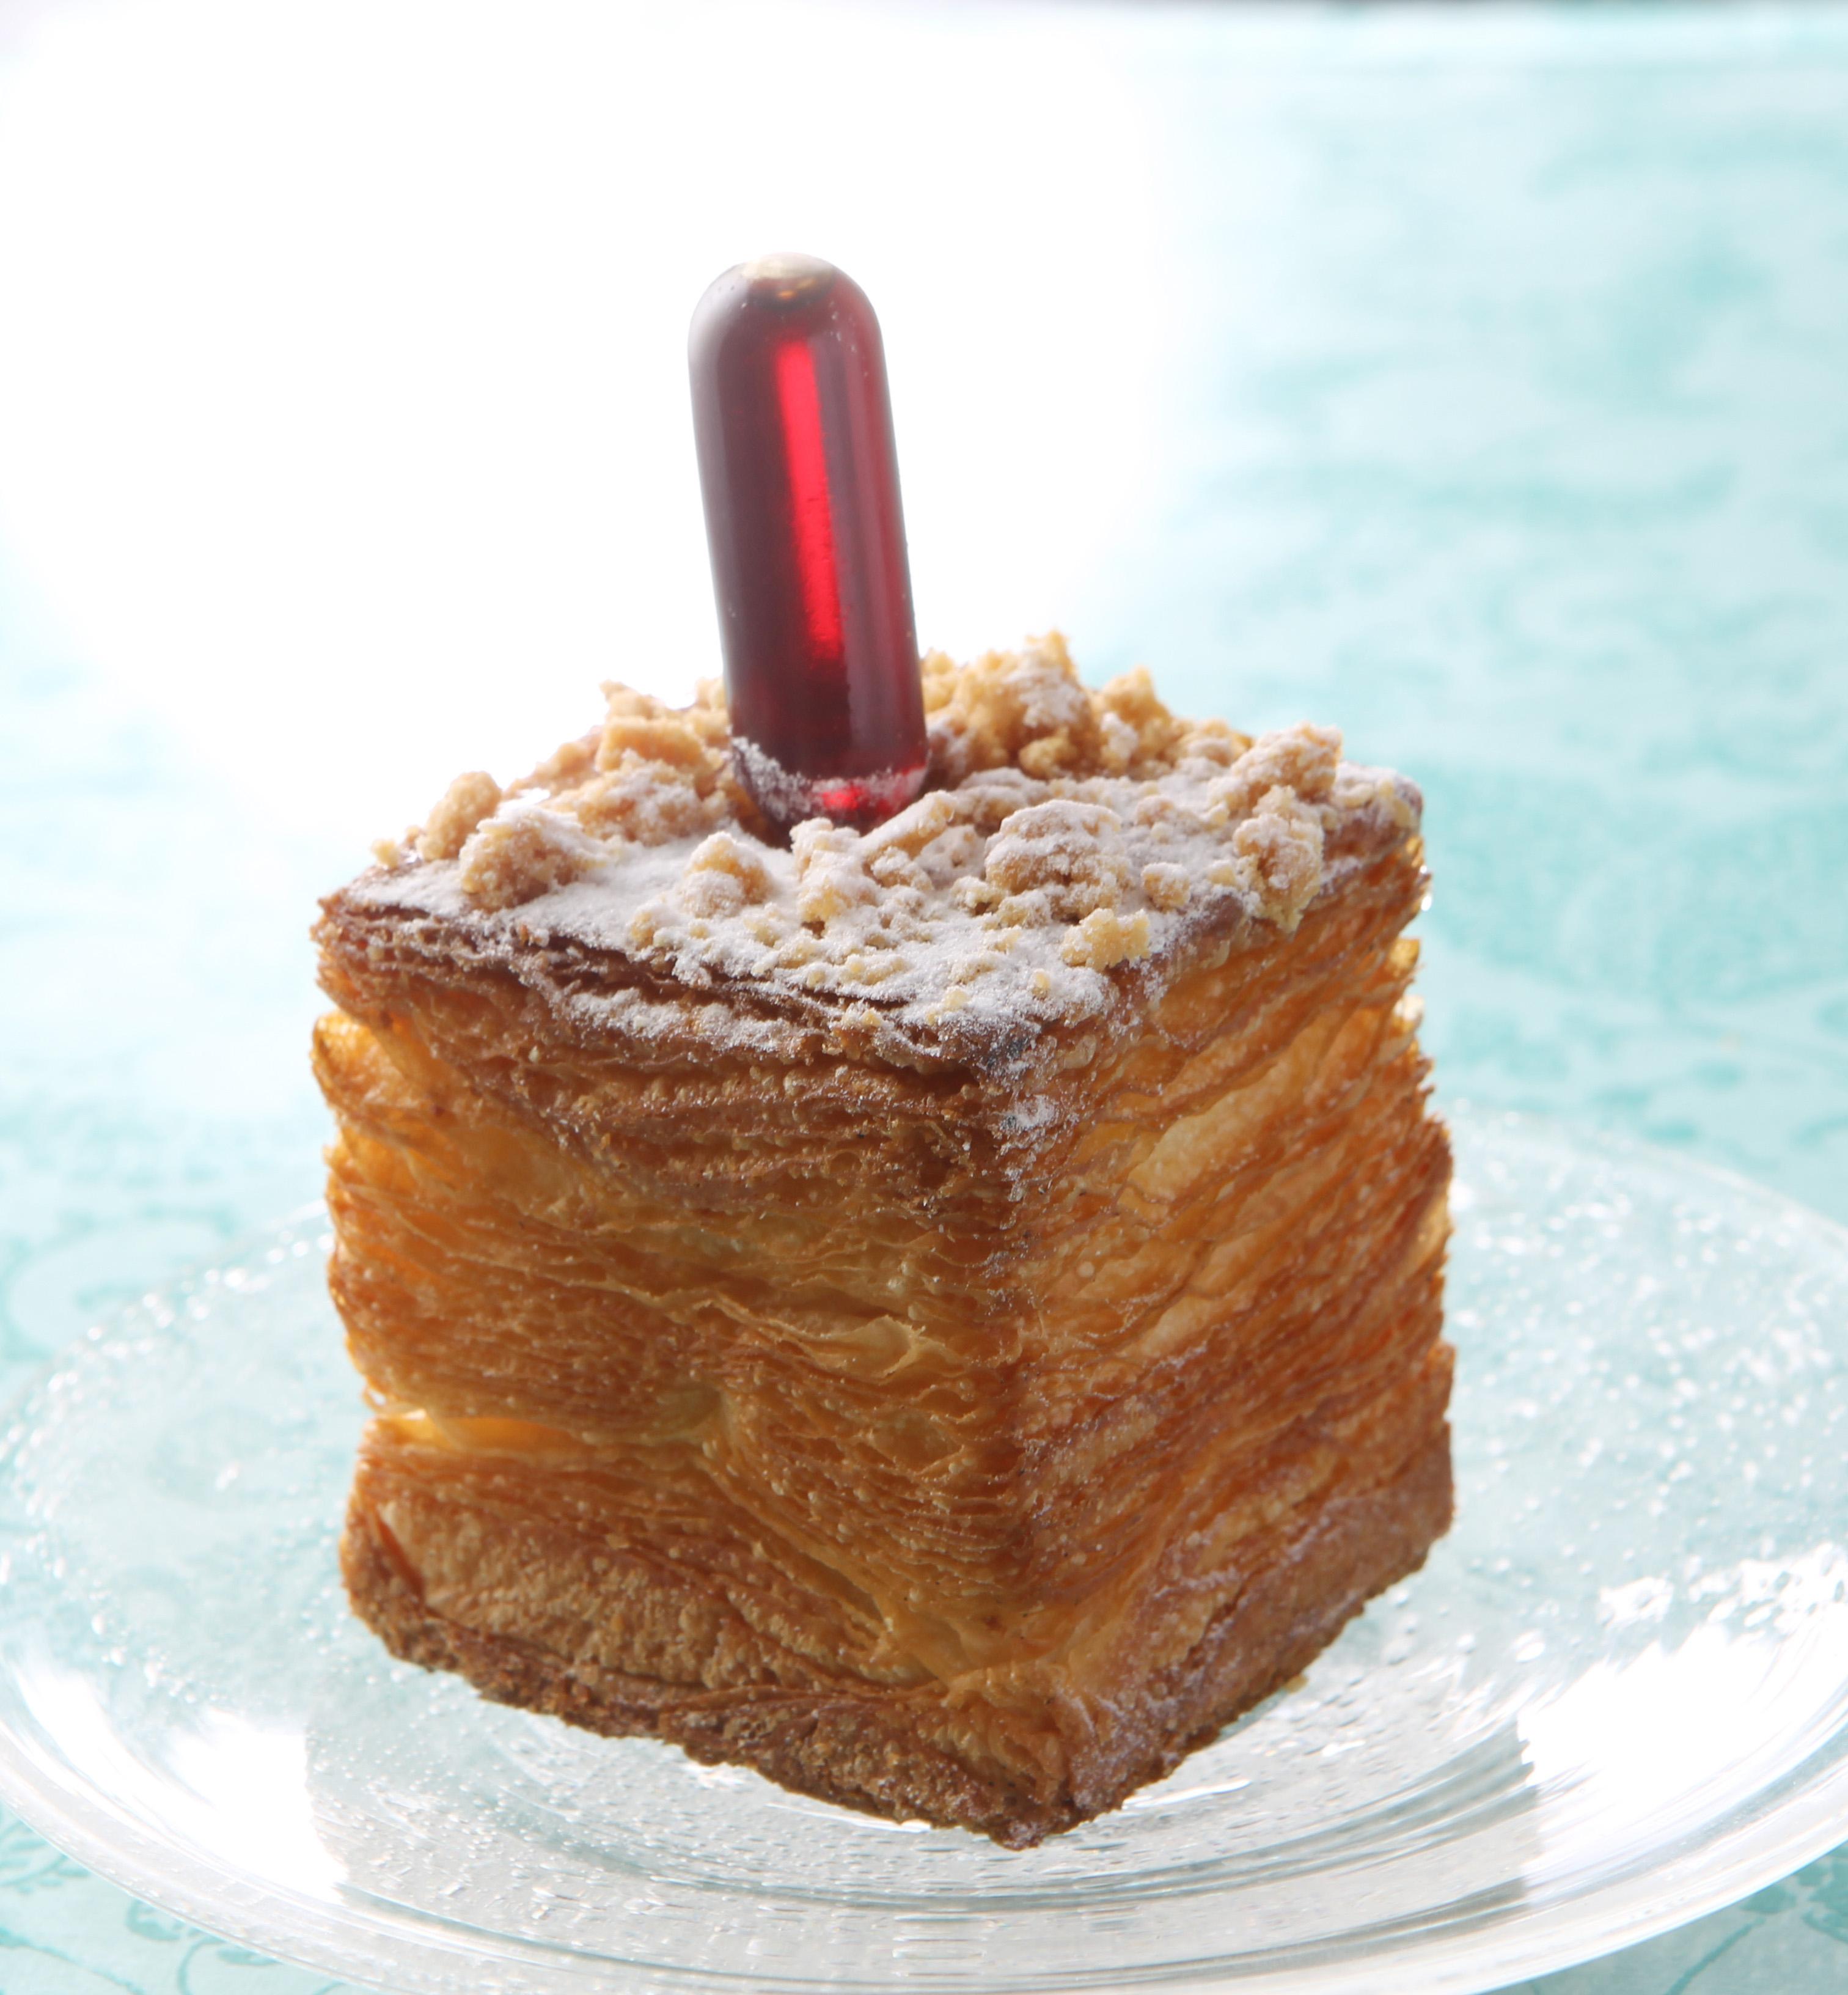 これがクリームパン!? 『ジョエル・ロブション』の新感覚ひんやりパンが気になる!_1